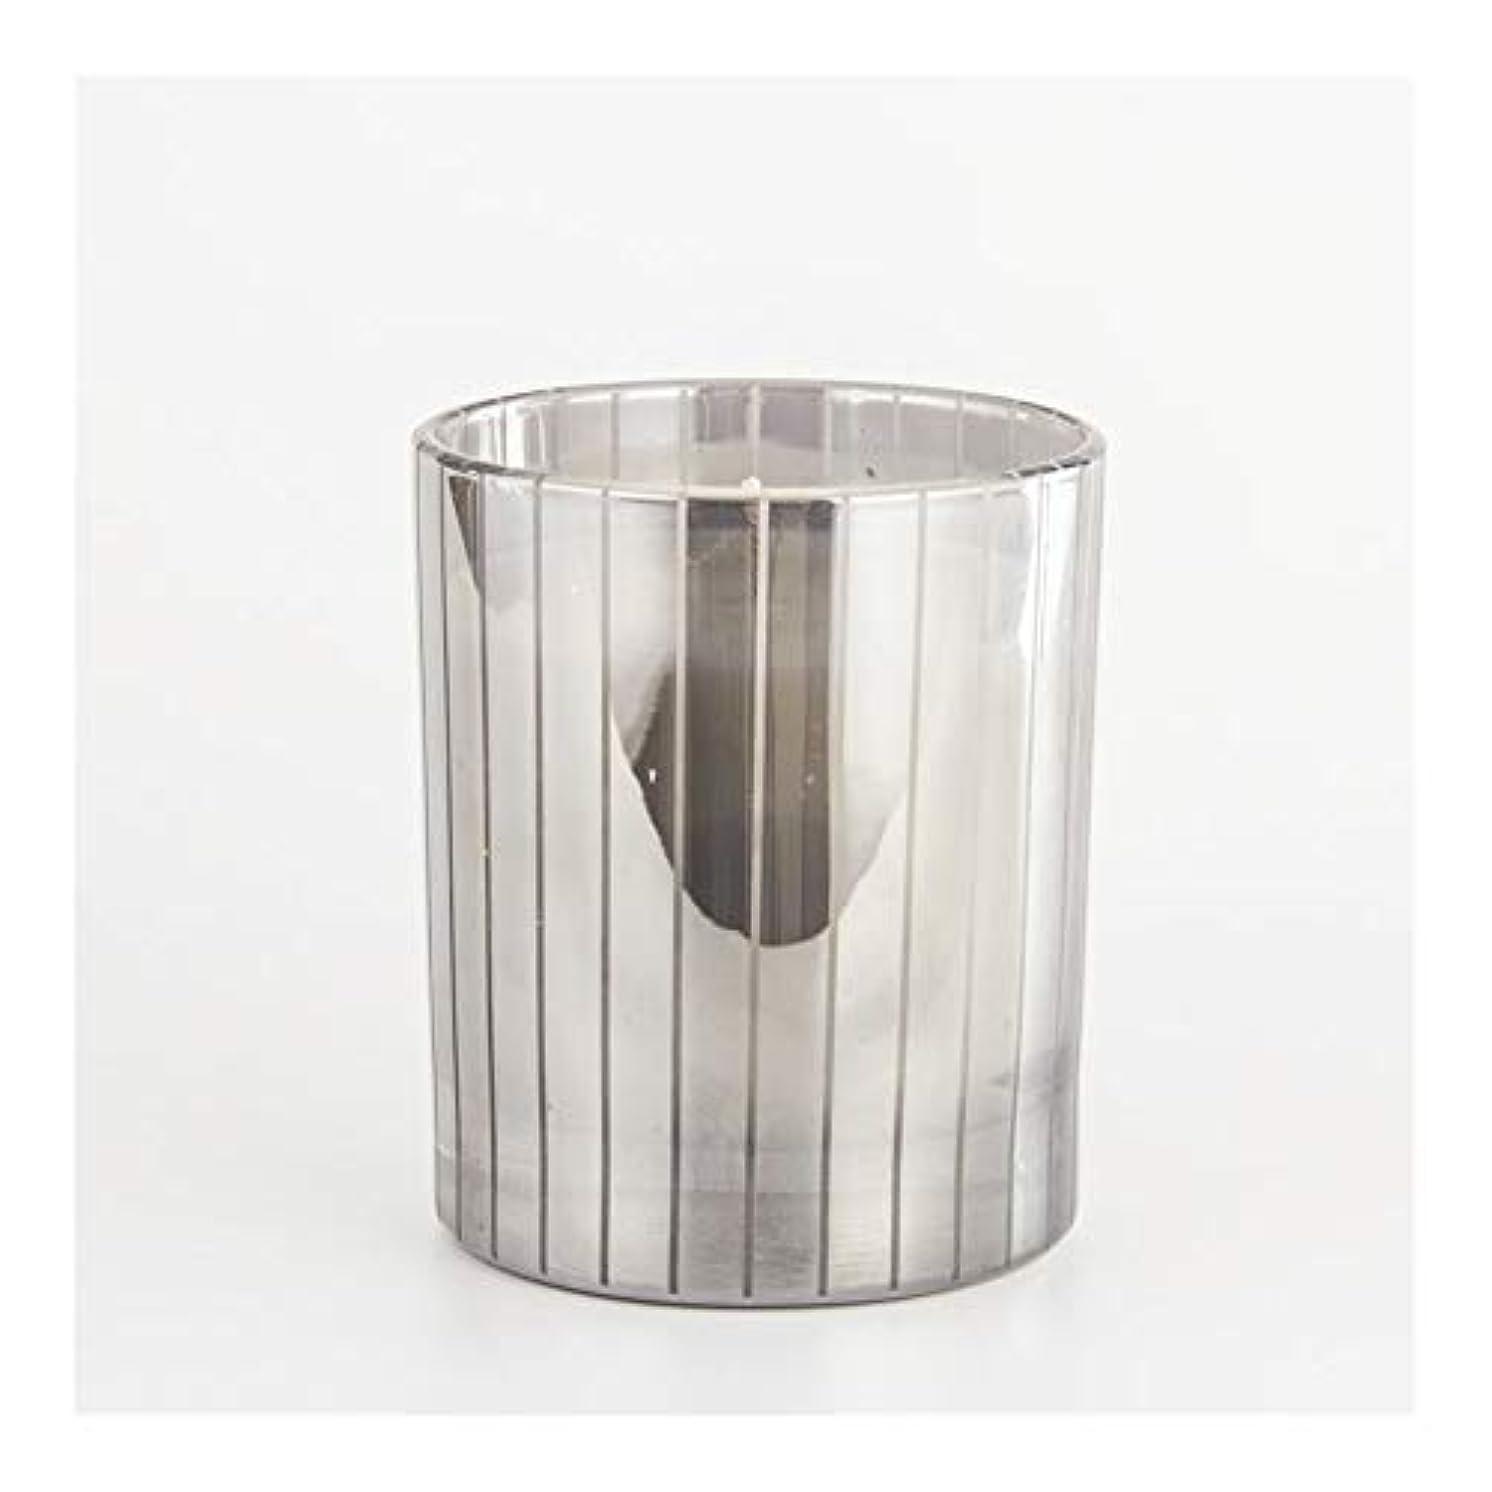 レンダリング謎支払いGuomao シルバーストライプカップキャンドルカップワックスワックスアロマセラピーキャンドルガラスワックスカップ